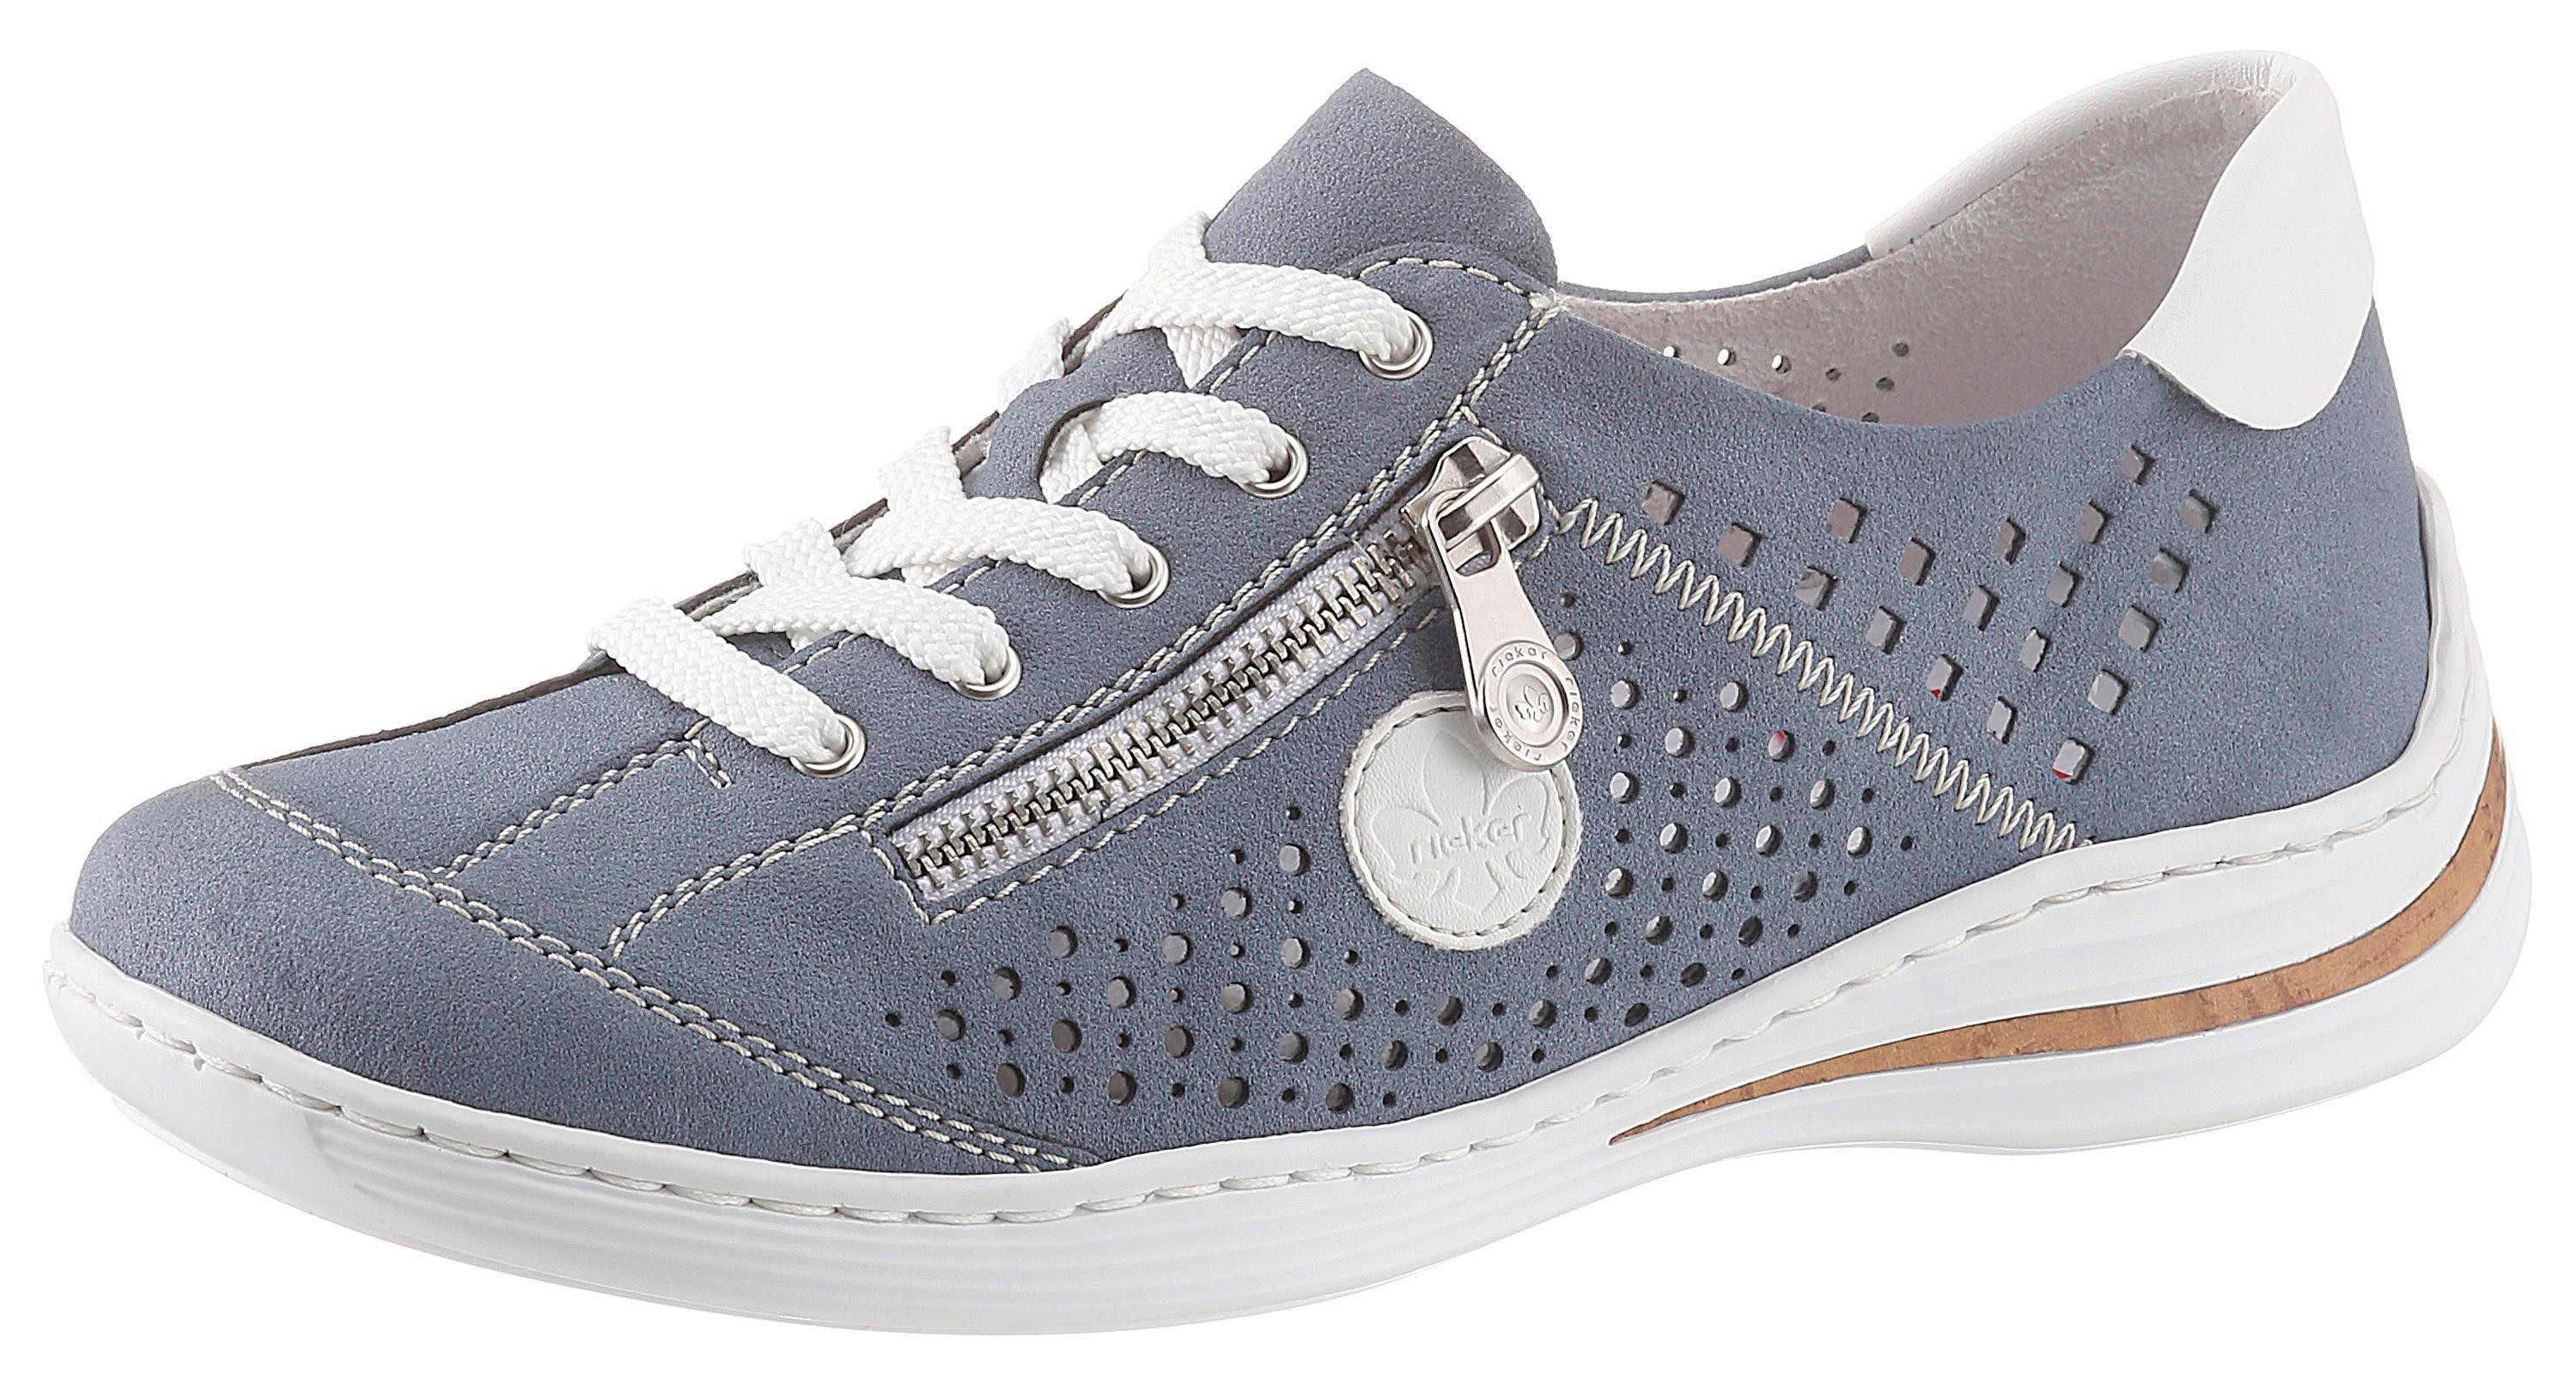 Rieker Sneaker mit seitlichem Zier Reißverschluss | OTTO